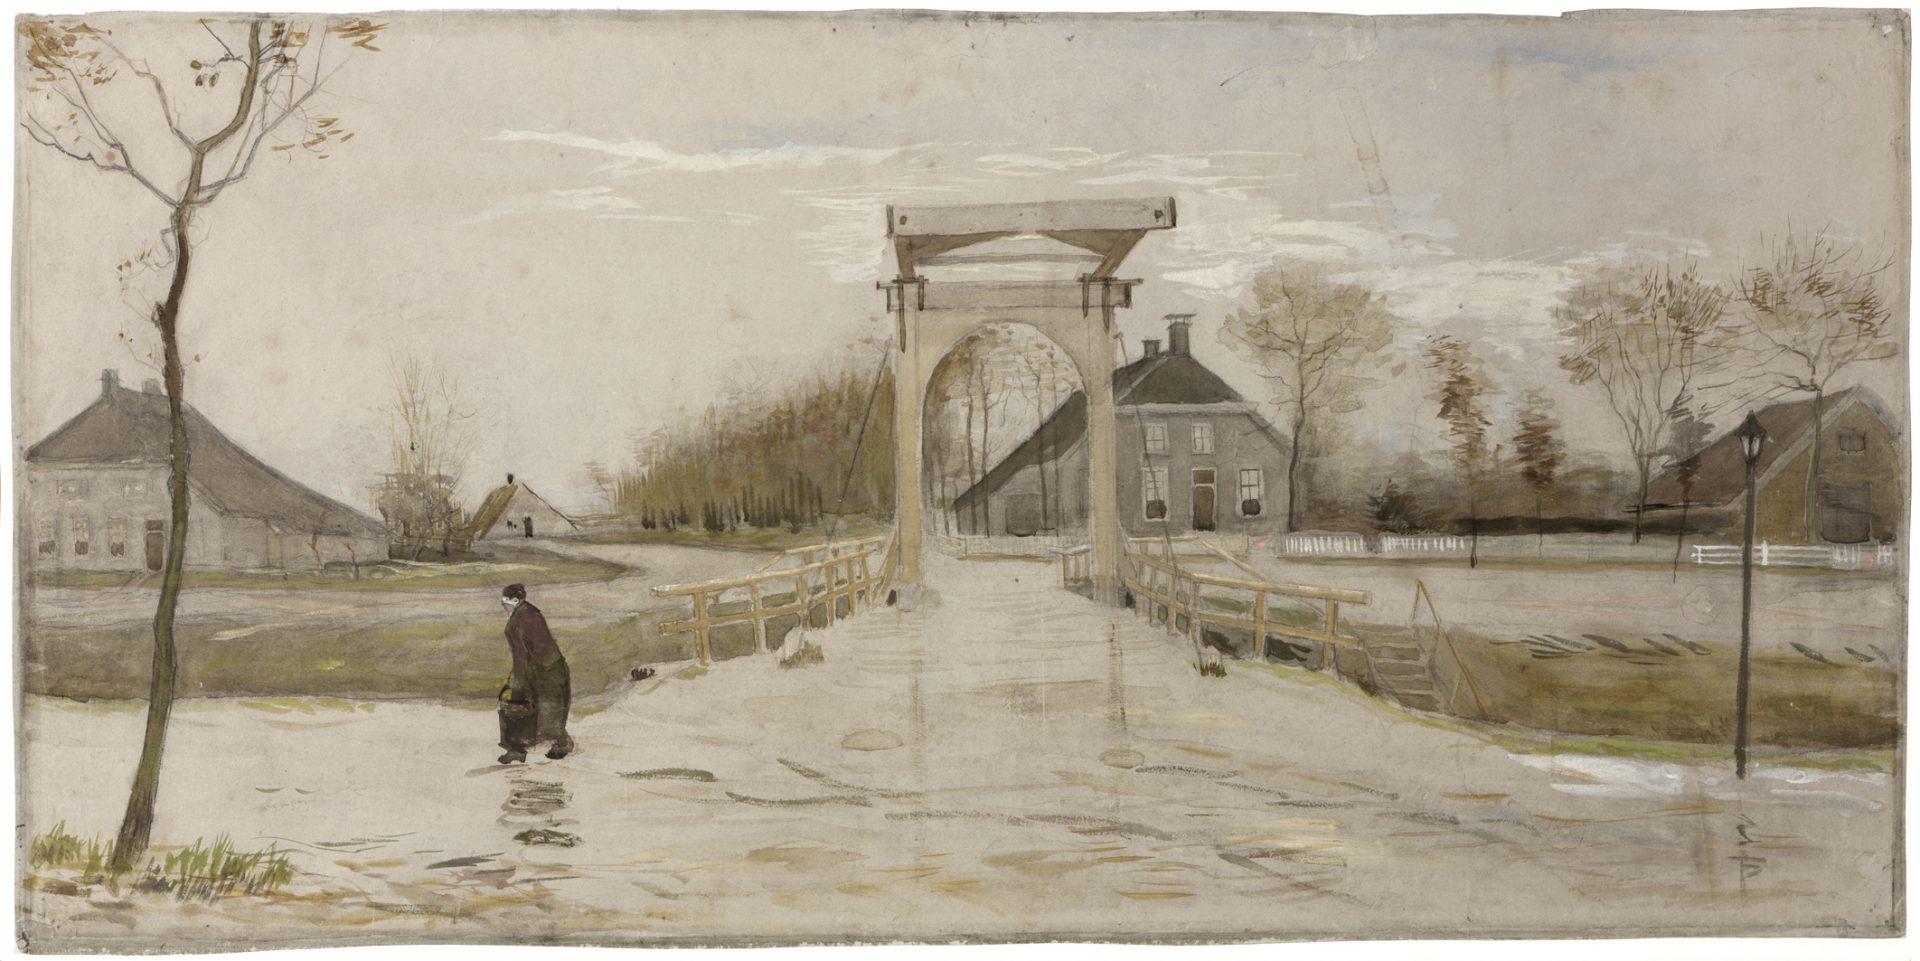 Vanuit zijn kamer in de herberg in Nieuw-Amsterdam kon Van Gogh de ophaalbrug zien.